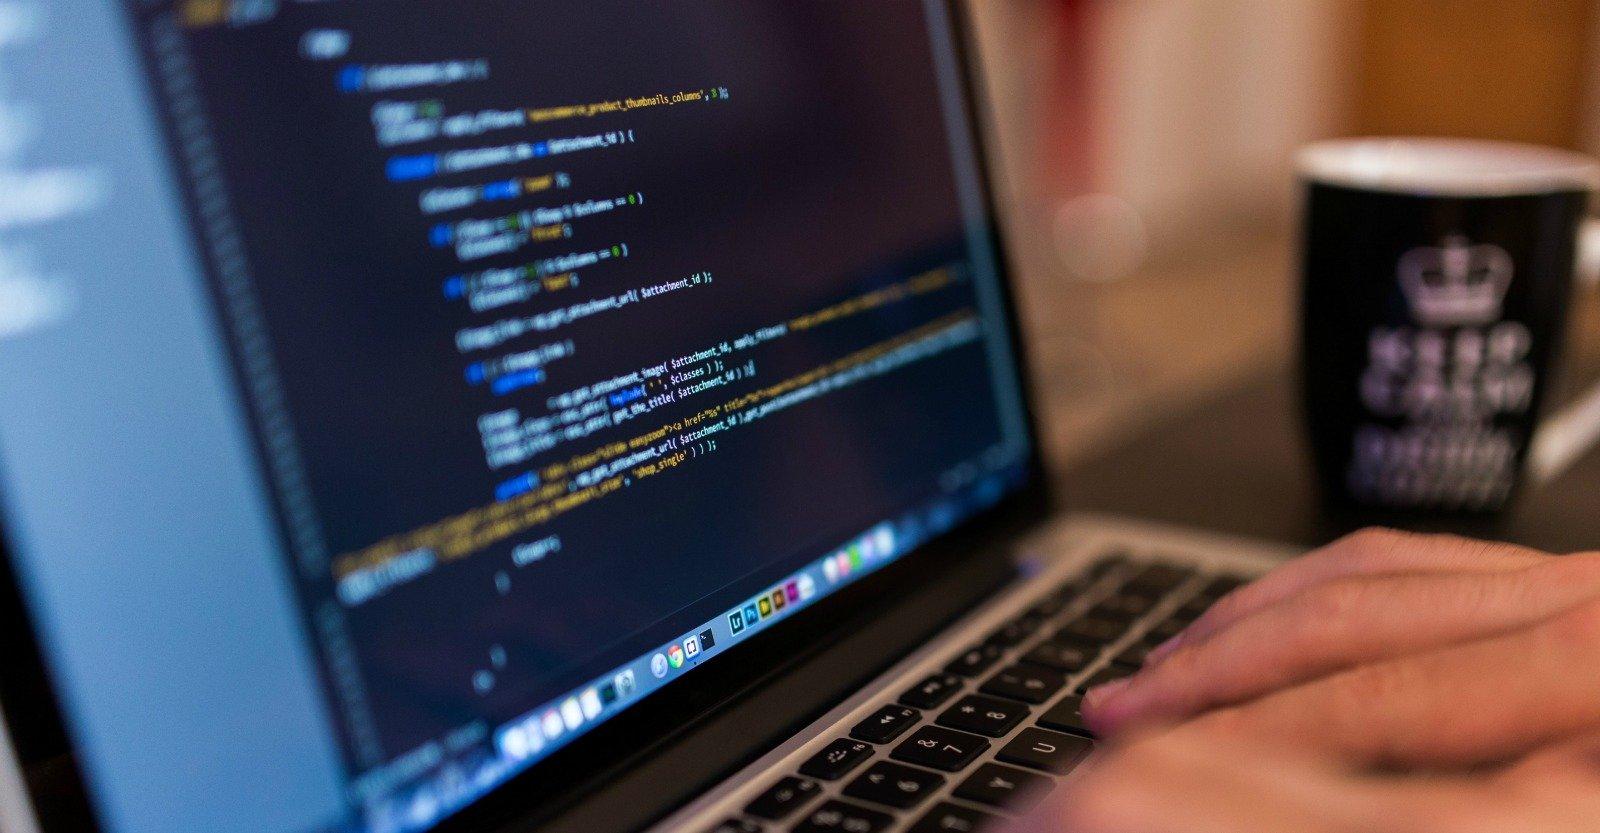 Schermo di computer con codice